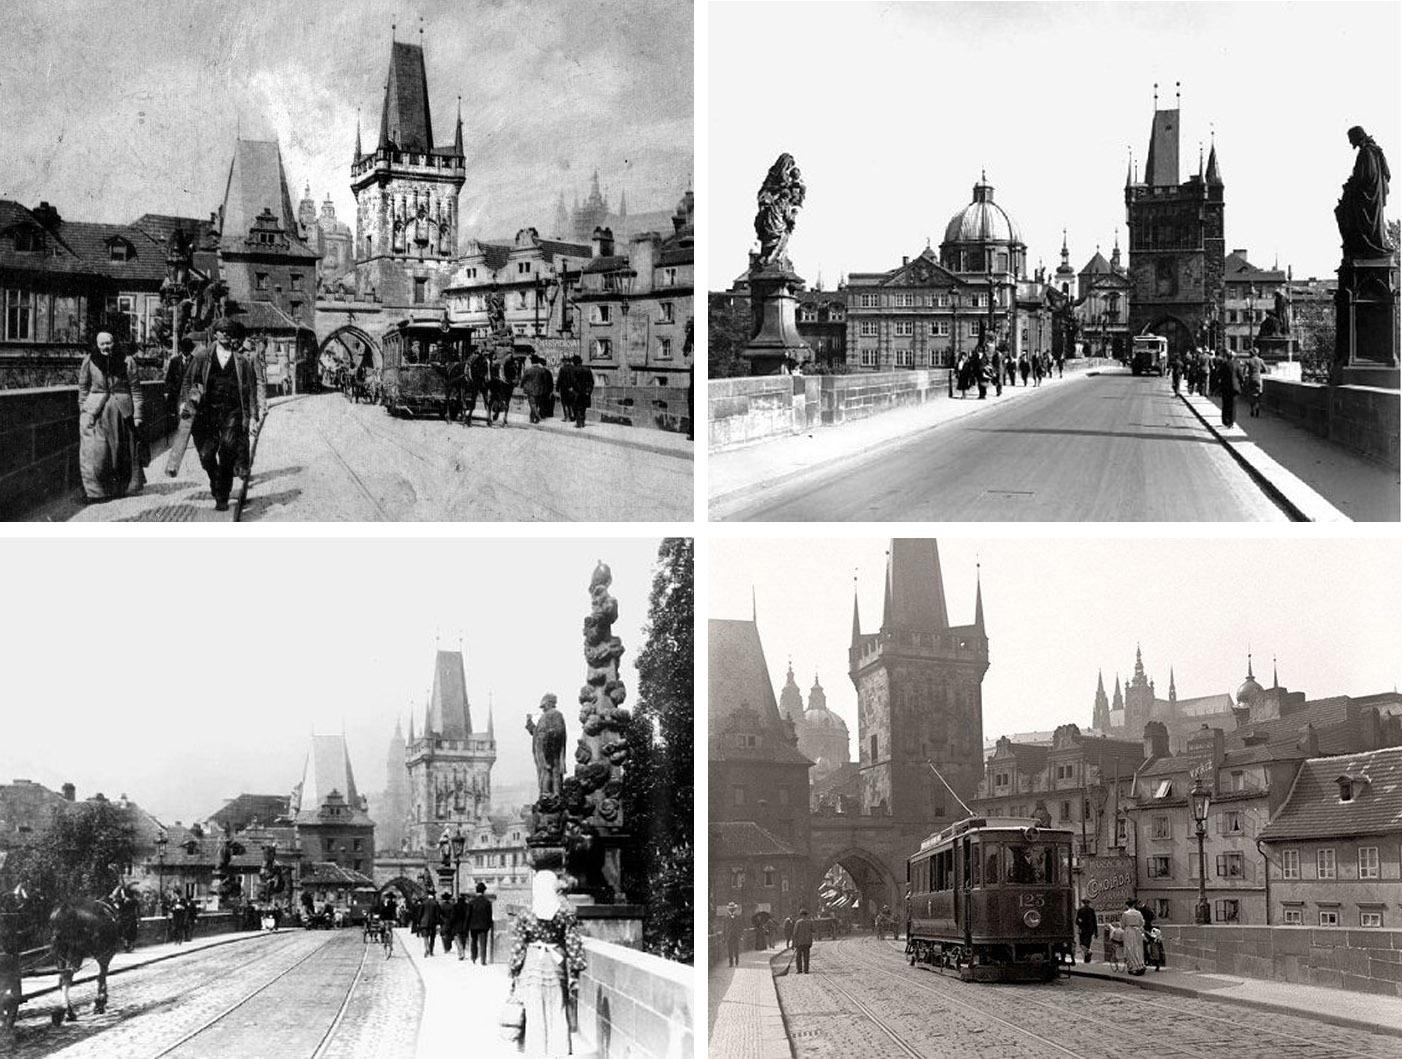 4 czarno białe zdjęcia ukazujące Most Karola na przełomie XIX i XX w. - przez Most Karola przejeżdżały: tramwaj konny, autobus, tramwaj